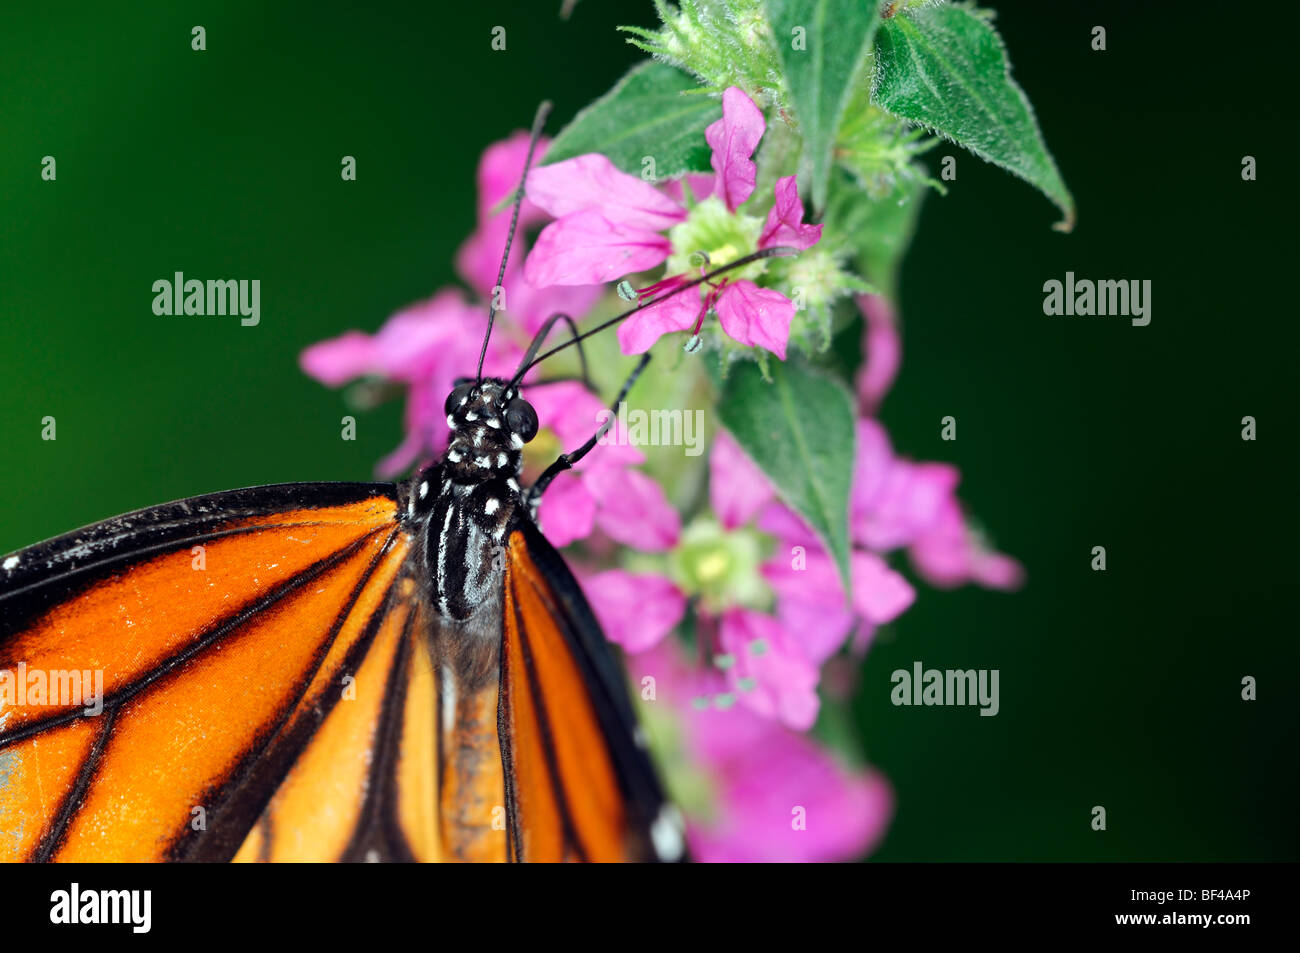 La Monarch (Danaus plexippus) farfalle tropicali nettare potabile arancione a strisce nere Immagini Stock